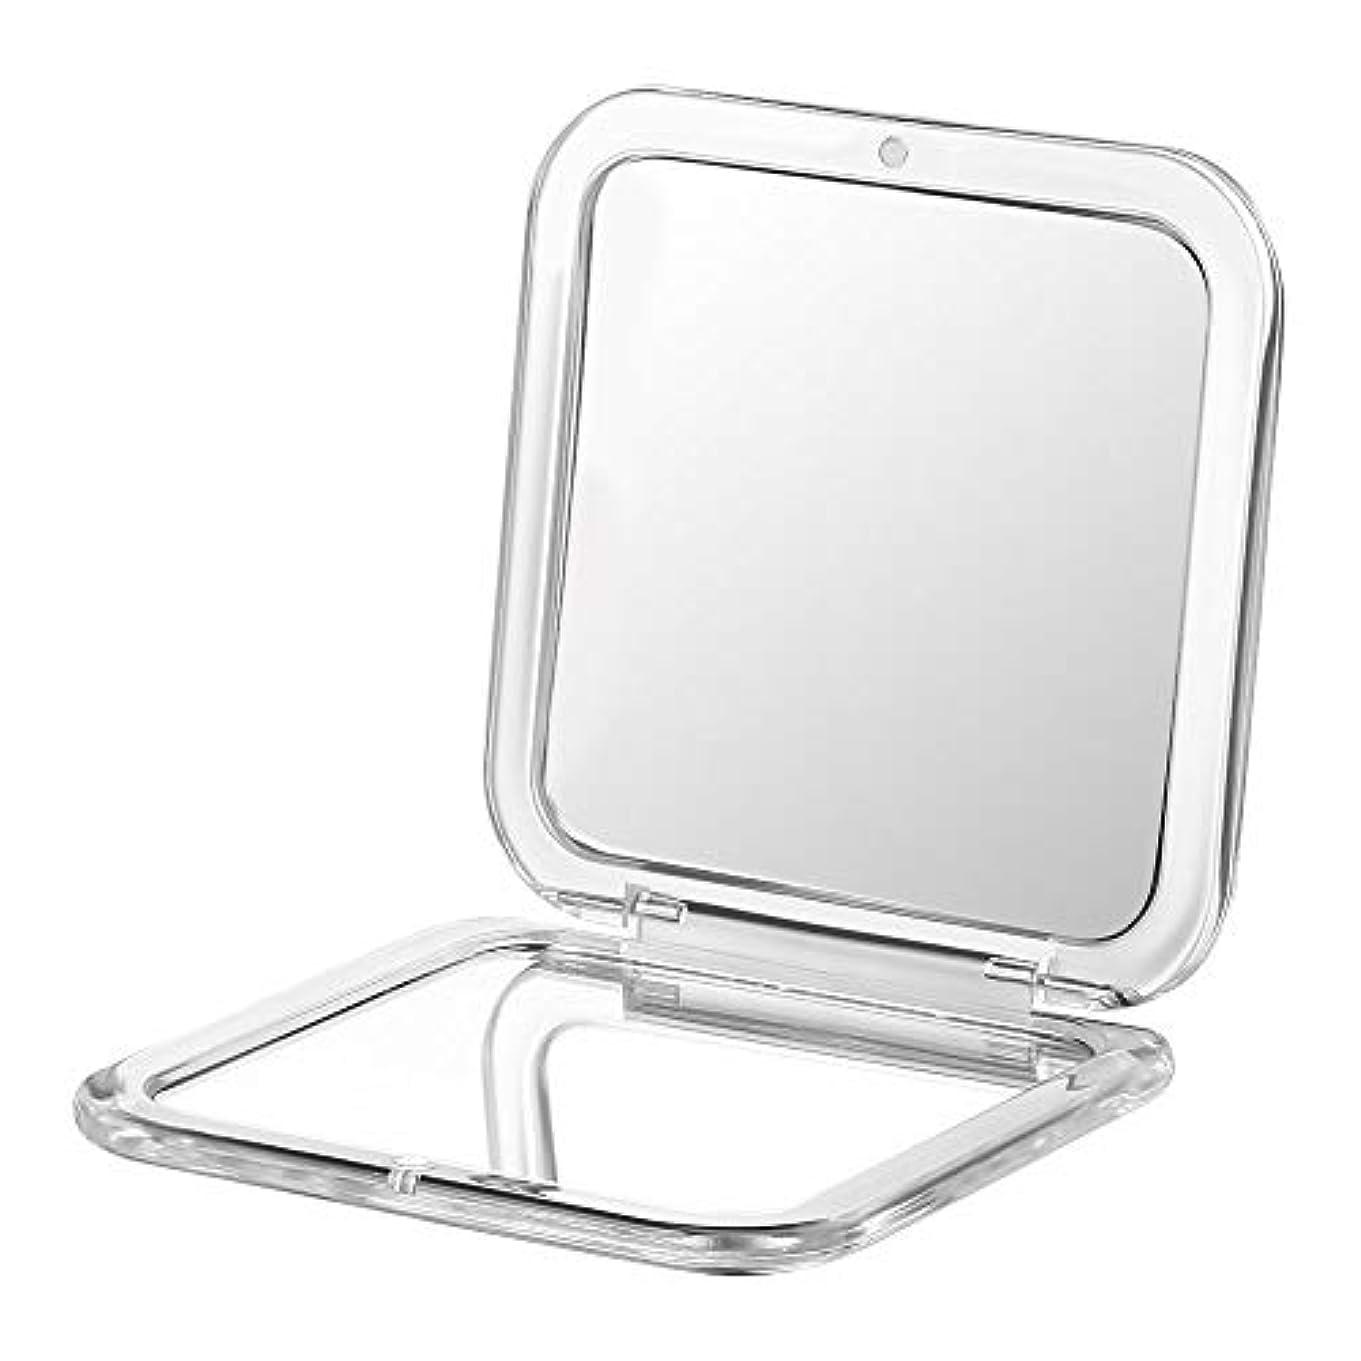 増強する計算する作動するコンパクト鏡 拡大鏡 両面コンパクトミラー 化粧鏡 卓上 鏡